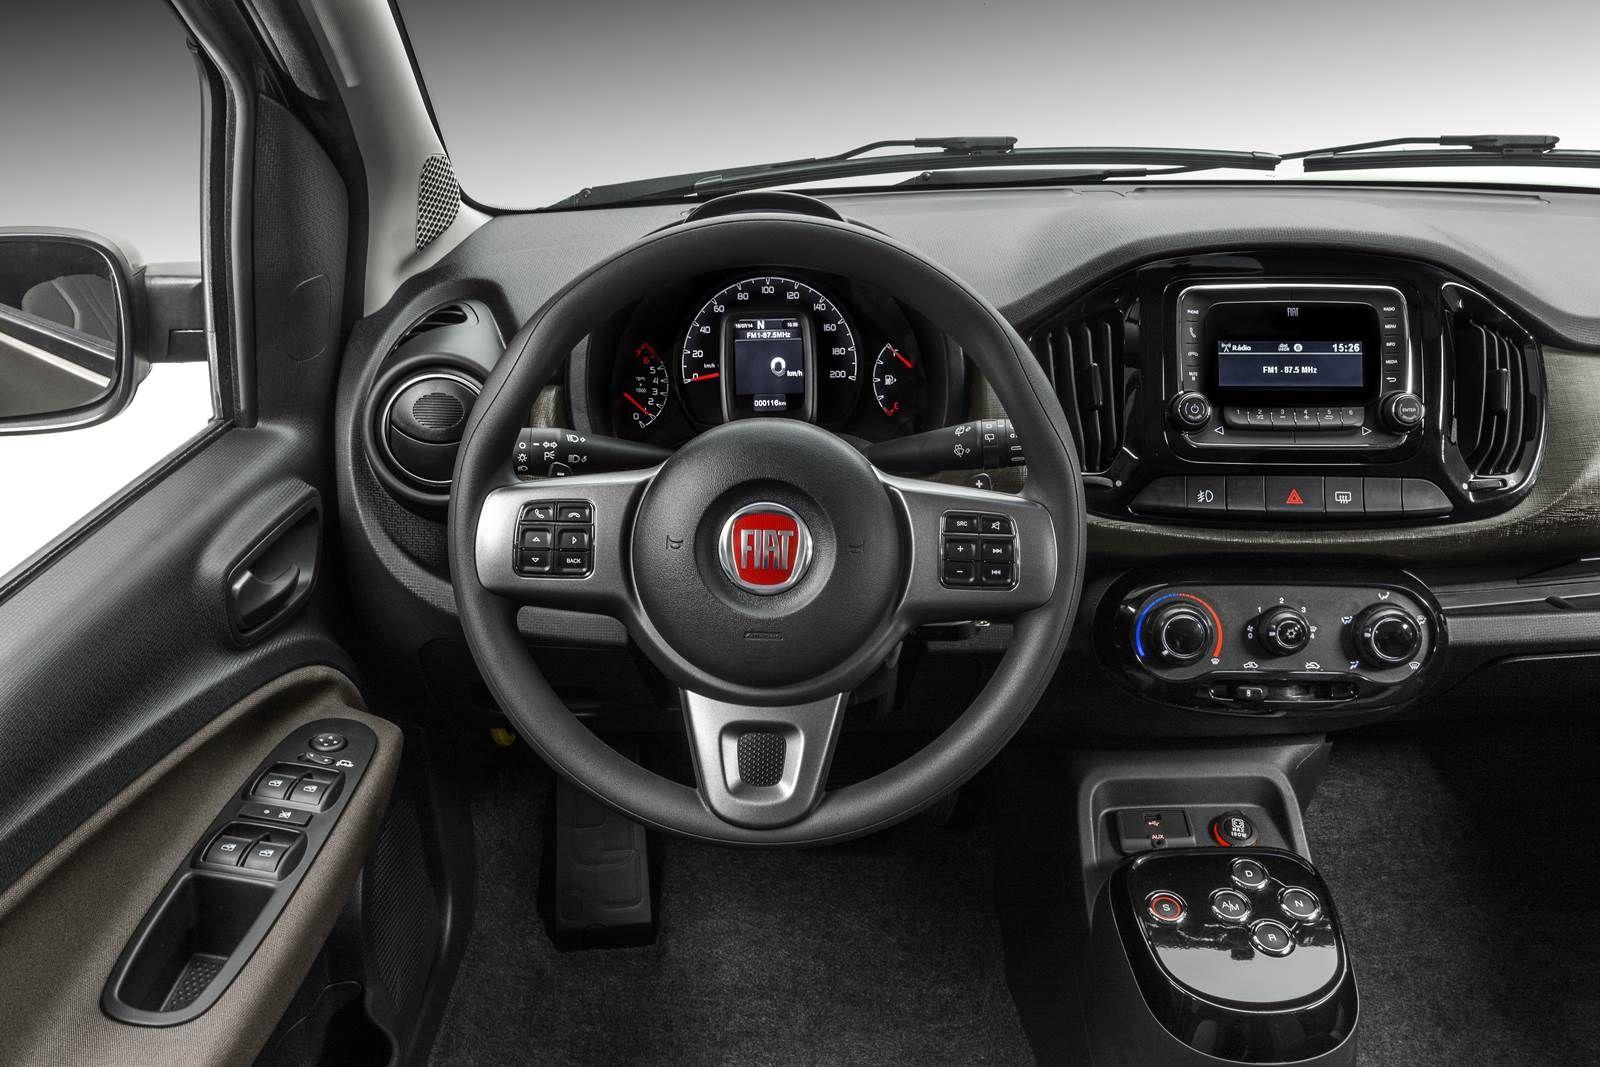 Novo Fiat Uno 2015 Video Mostra Detalhes Das Versoes Novo Fiat